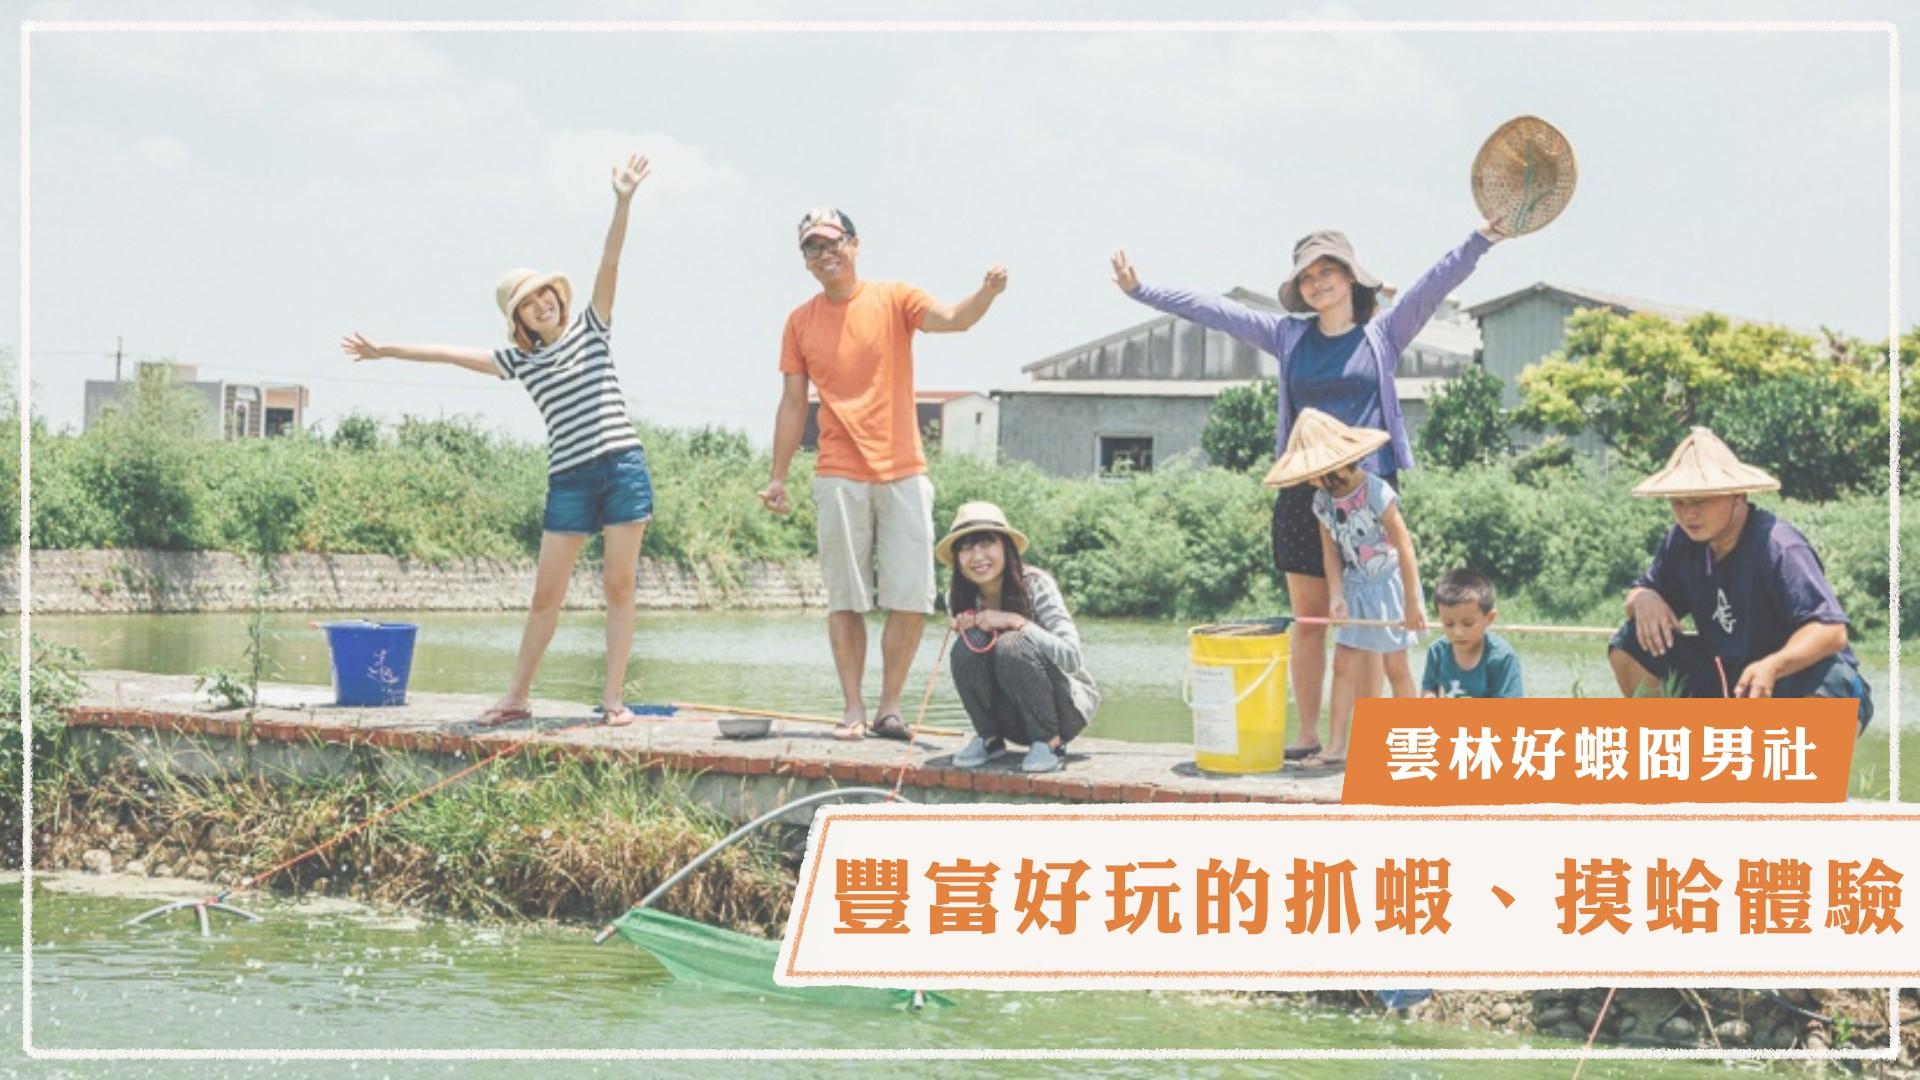 【Niceday x 好蝦冏男社】豐富好玩的抓蝦、摸文蛤、補魚、餵雞、小農夫體驗